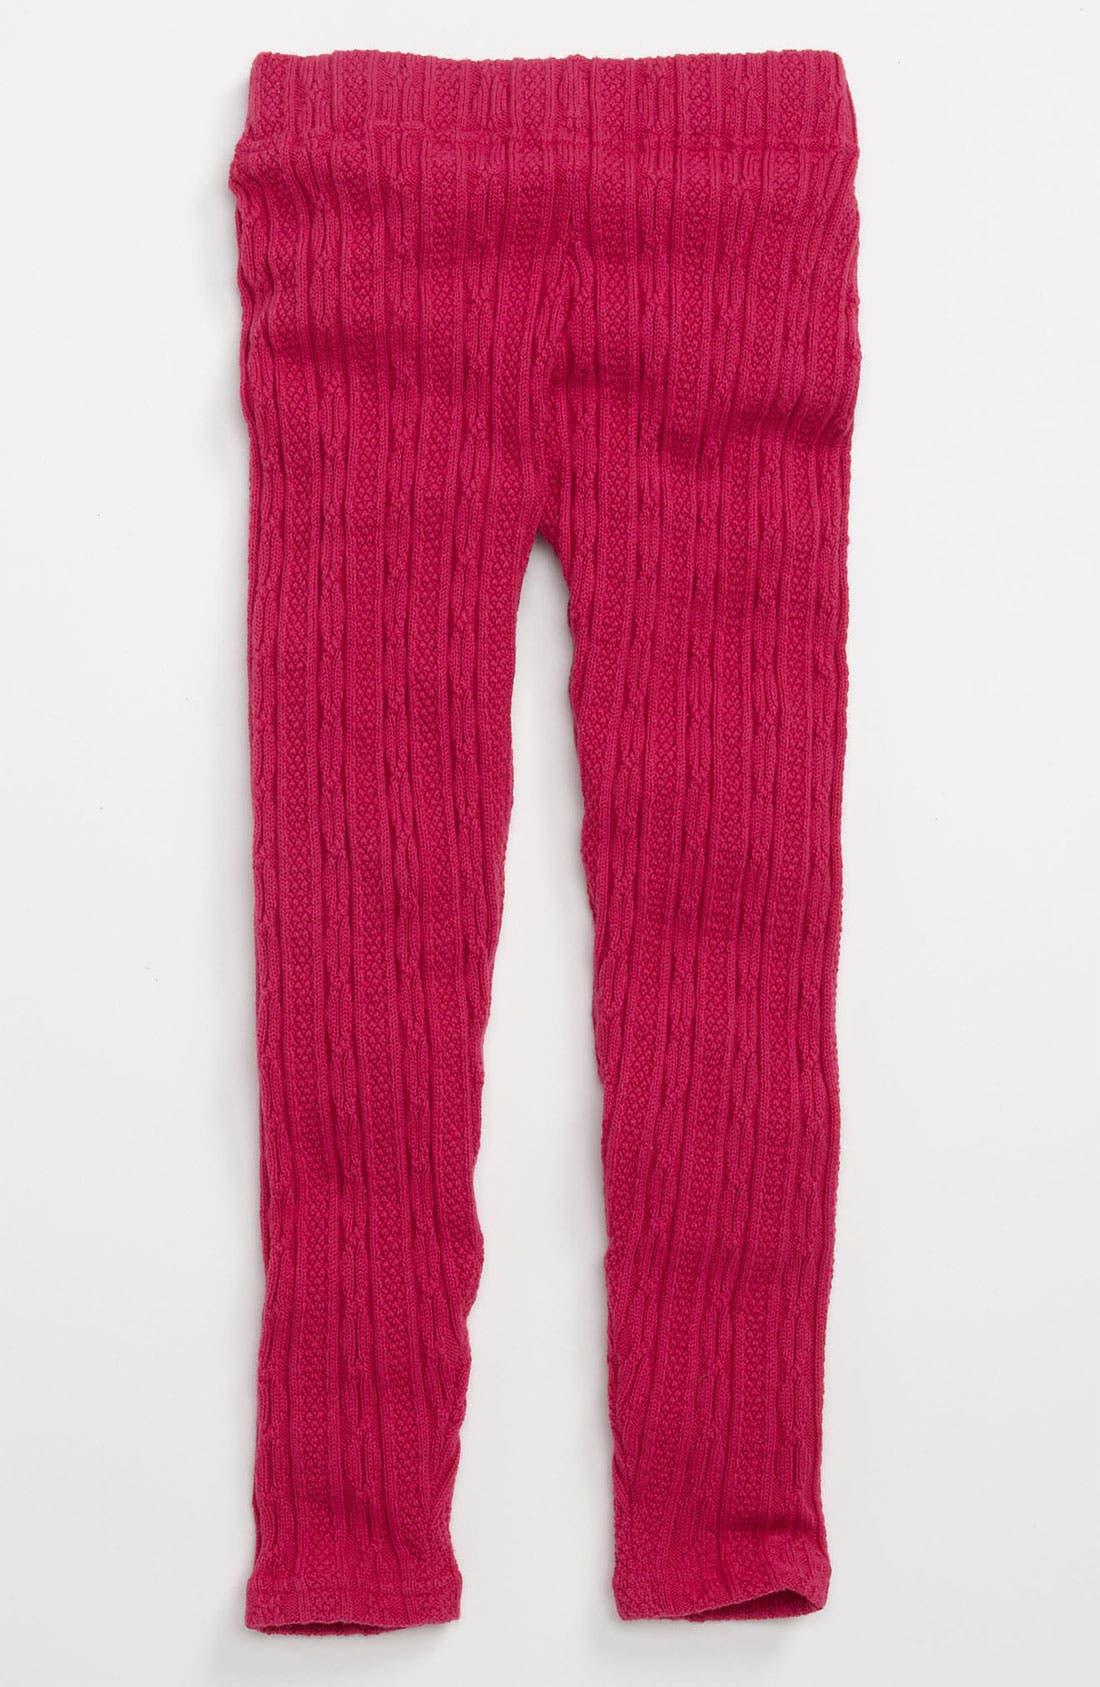 Alternate Image 1 Selected - Tucker + Tate 'Johanna' Cable Knit Leggings (Little Girls)